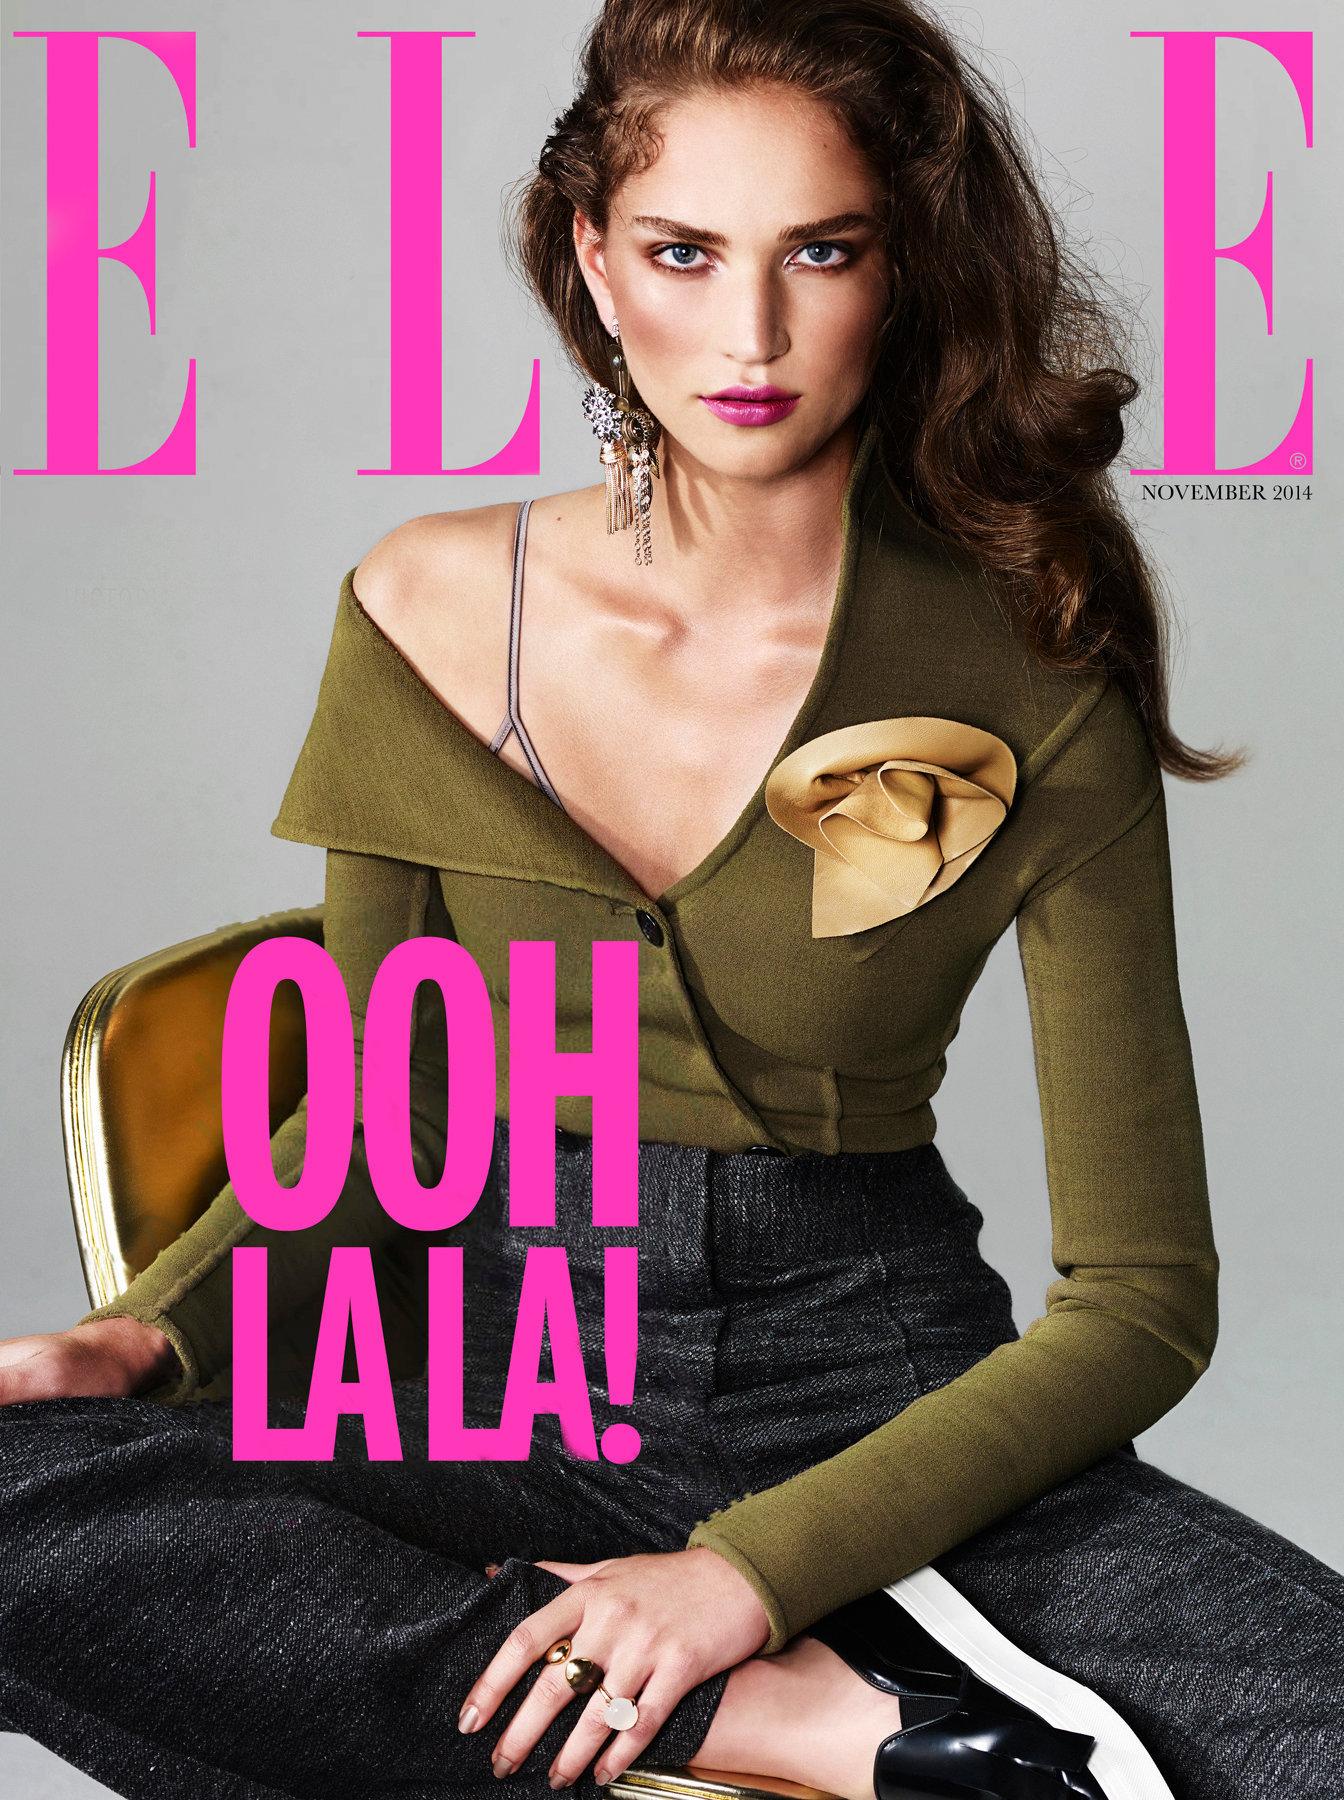 ELLE NL cover November 2014